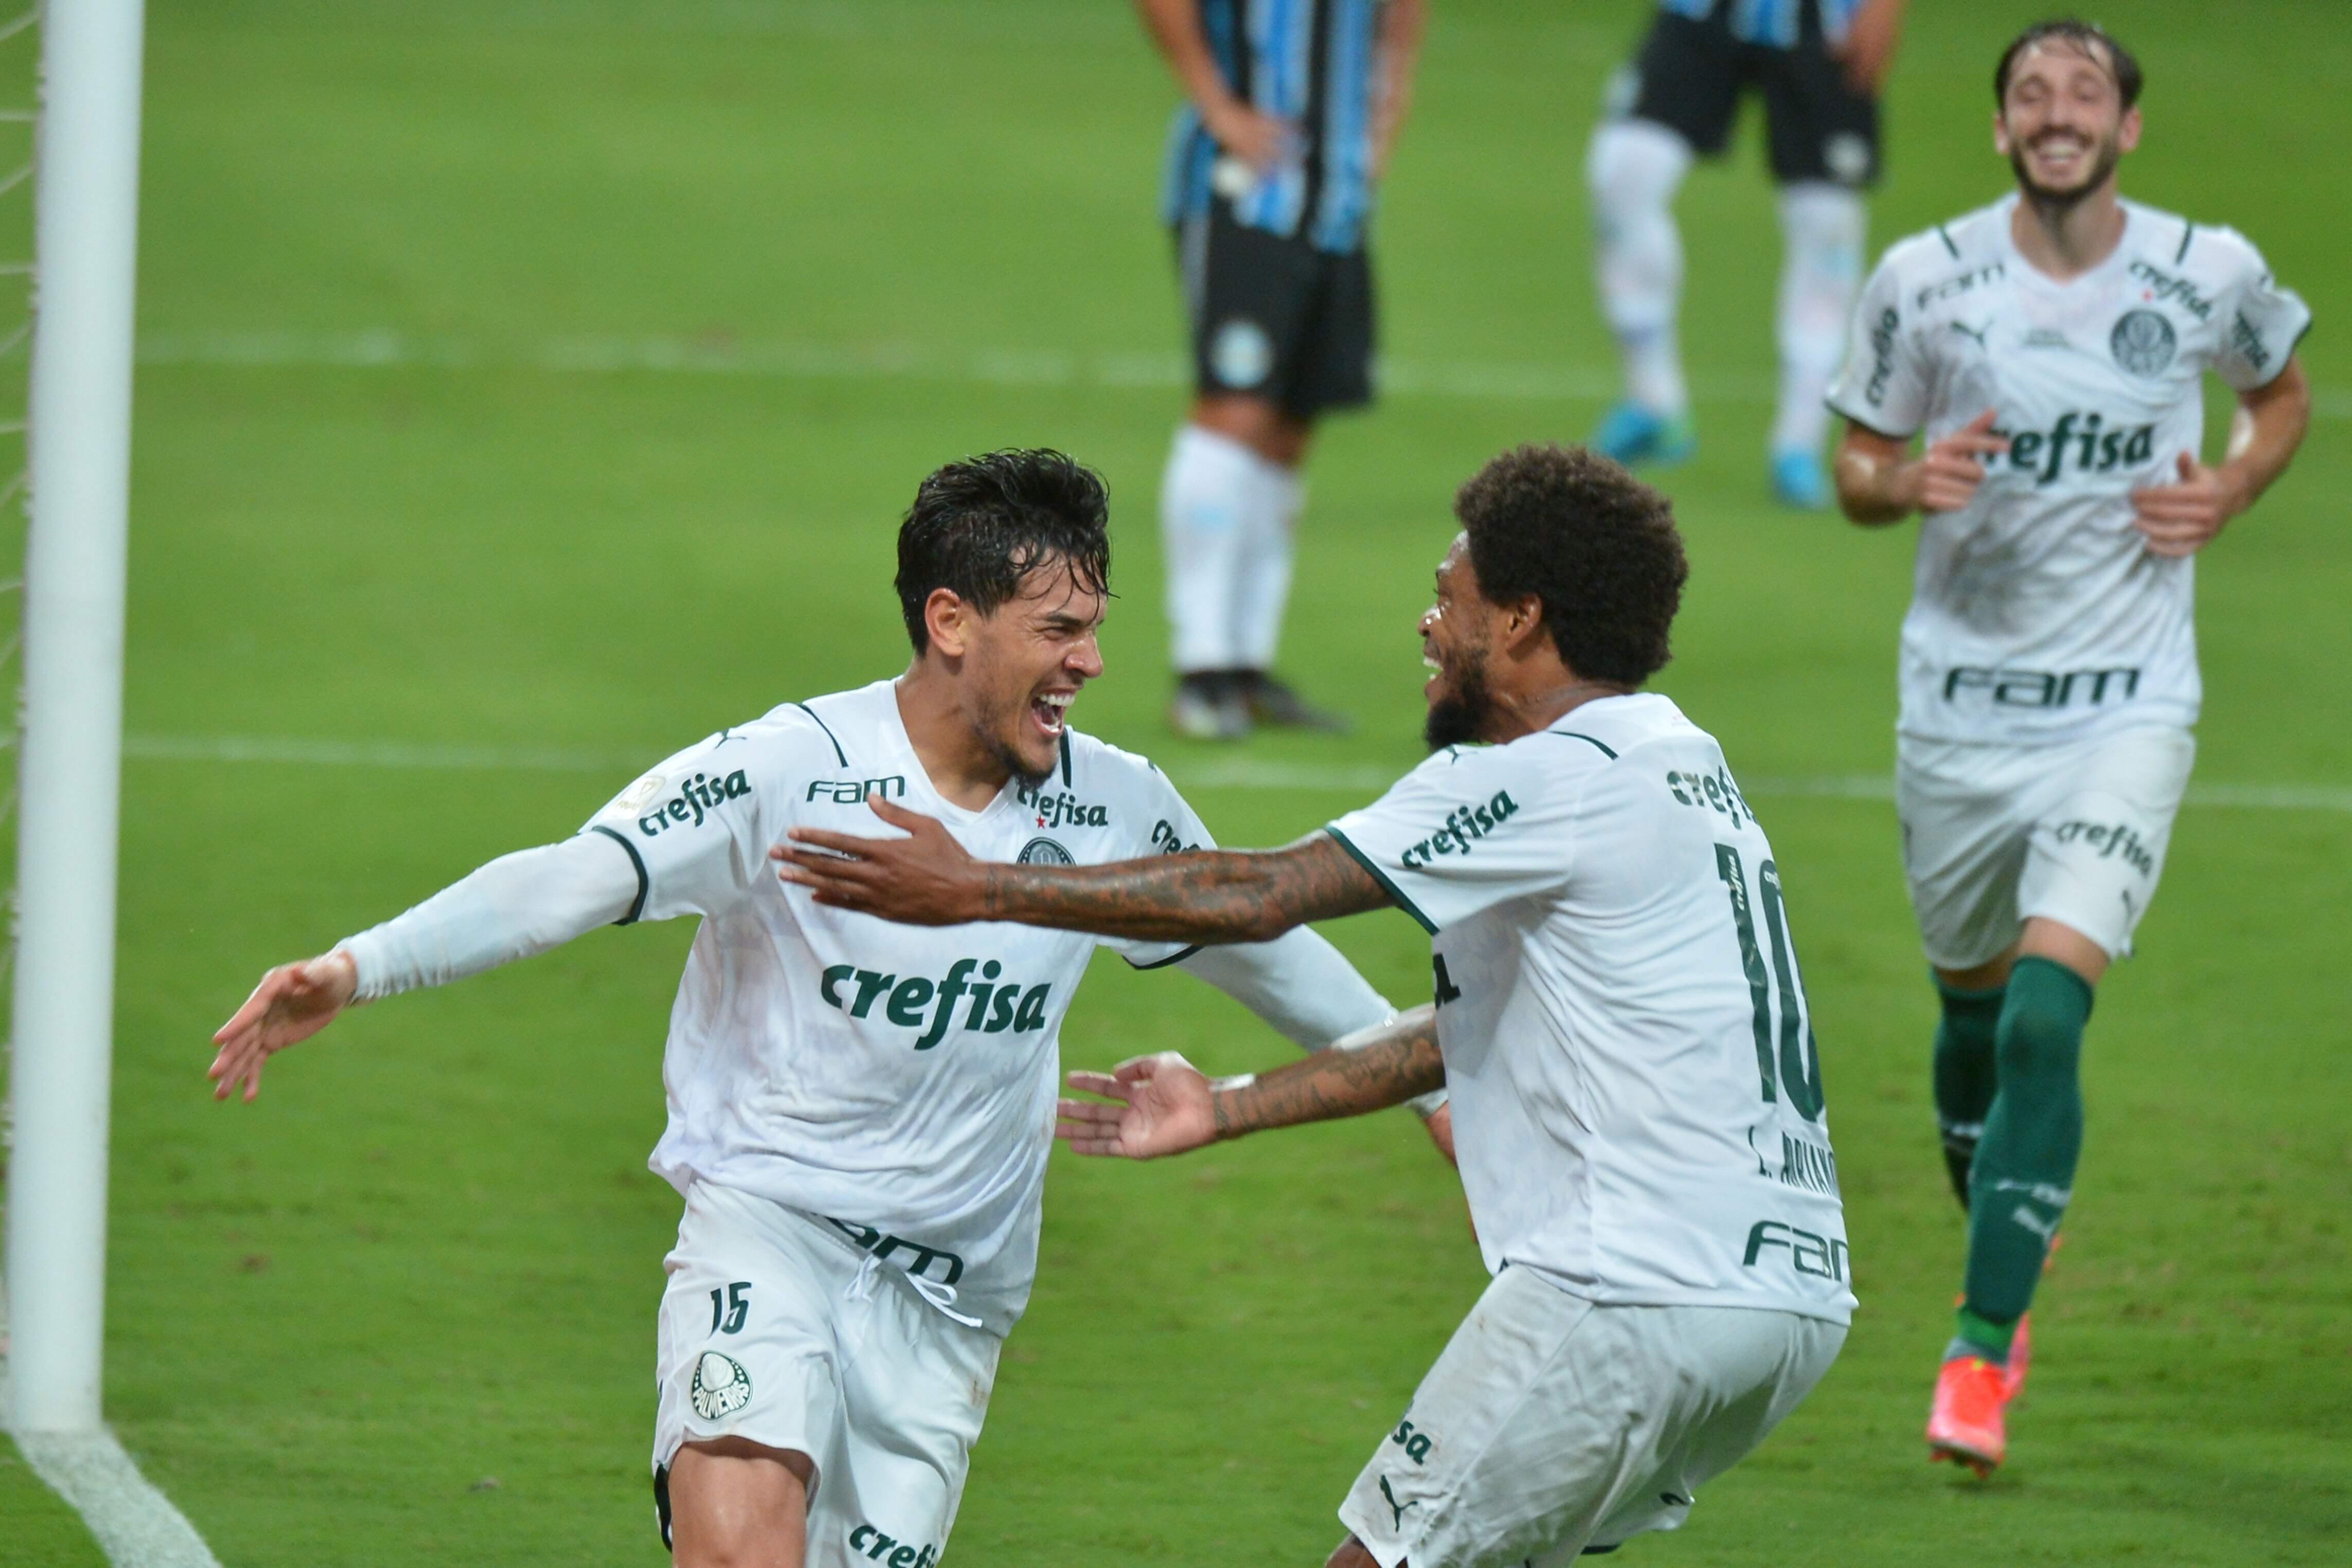 Gol de Gustavo Goméz, ainda no primeiro tempo, garantiu a vitória do Palmeiras em Porto Alegre